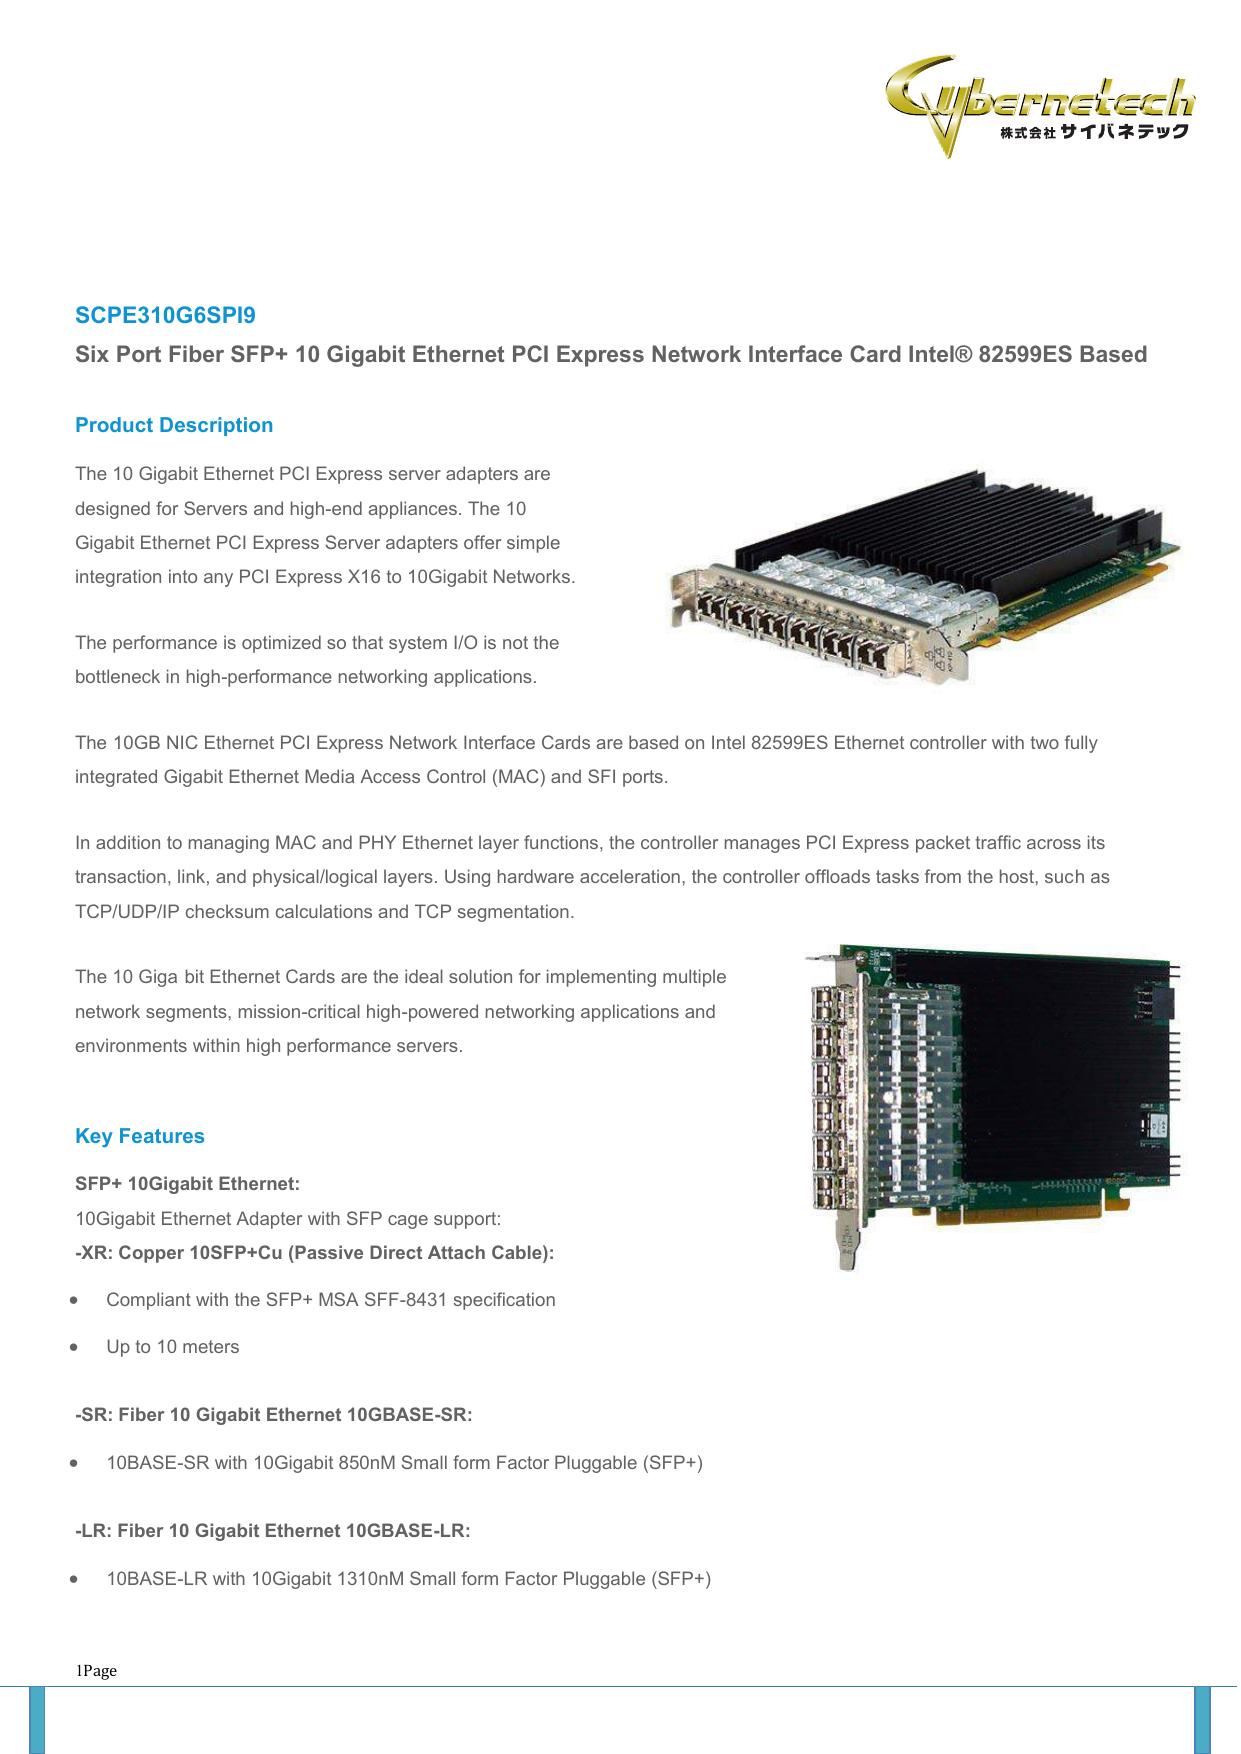 SCPE310G6SPI9 Six Port Fiber SFP+ 10 Gigabit Ethernet PCI | manualzz com